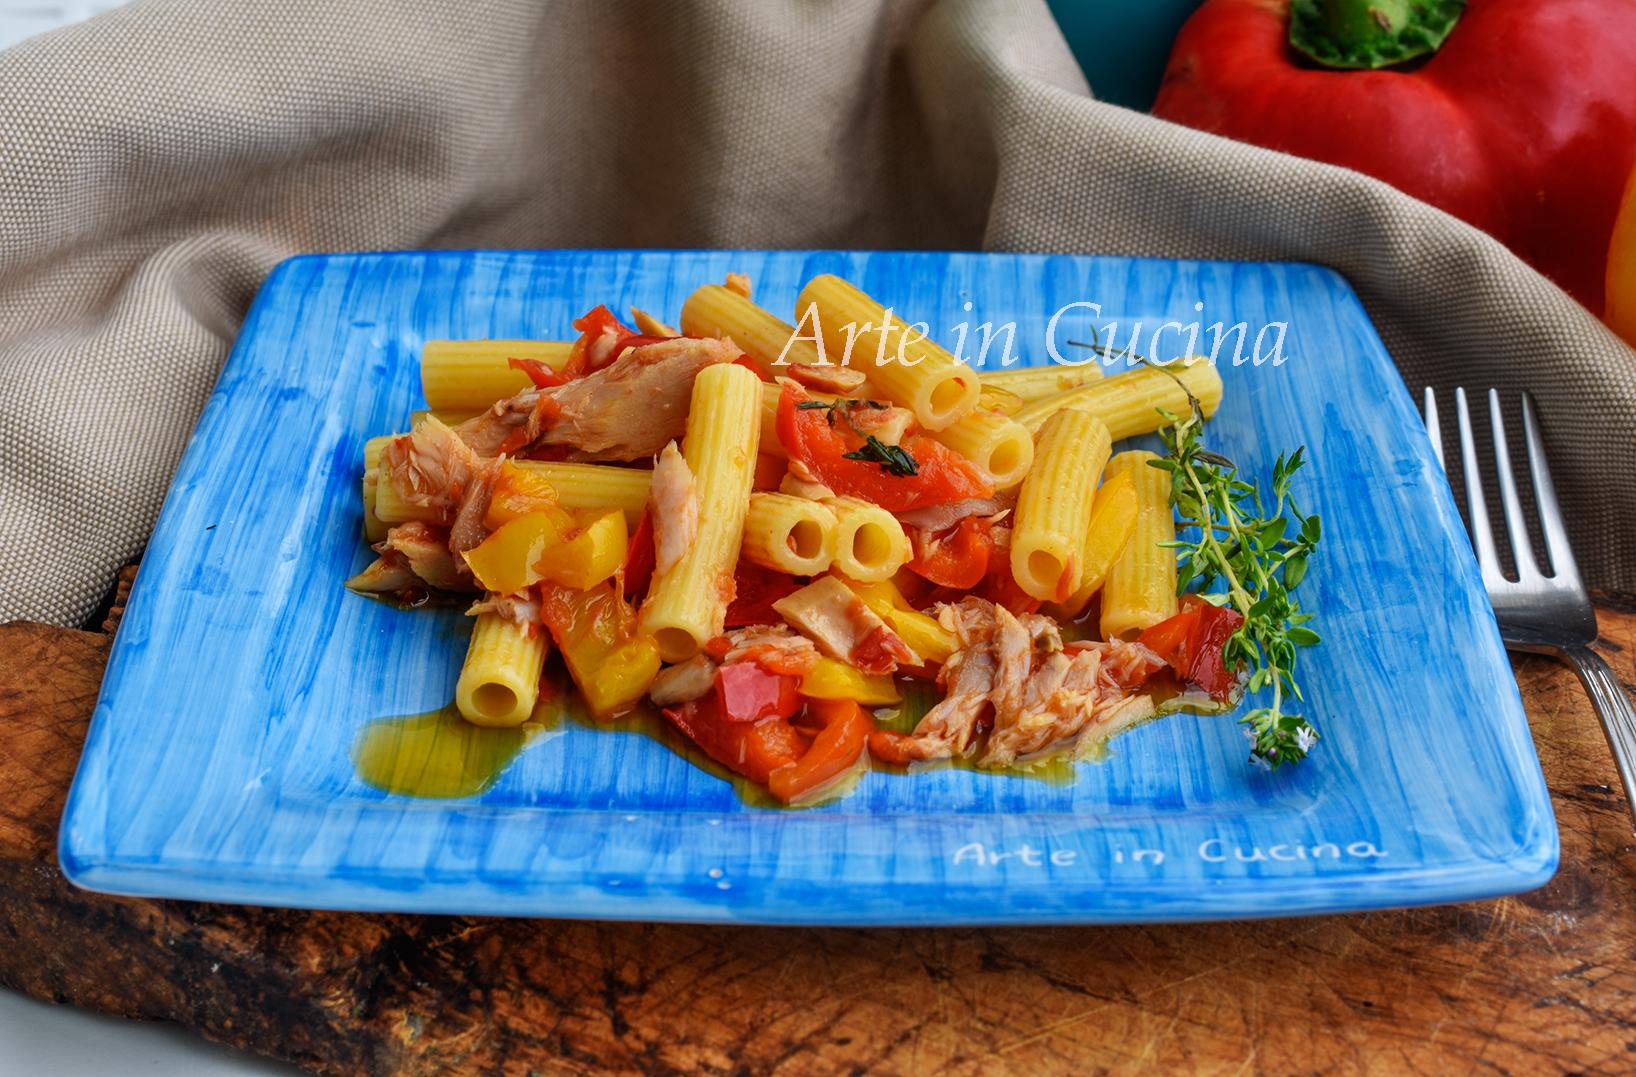 Pasta con peperoni e tonno veloce primo piatto facile vickyart arte in cucina